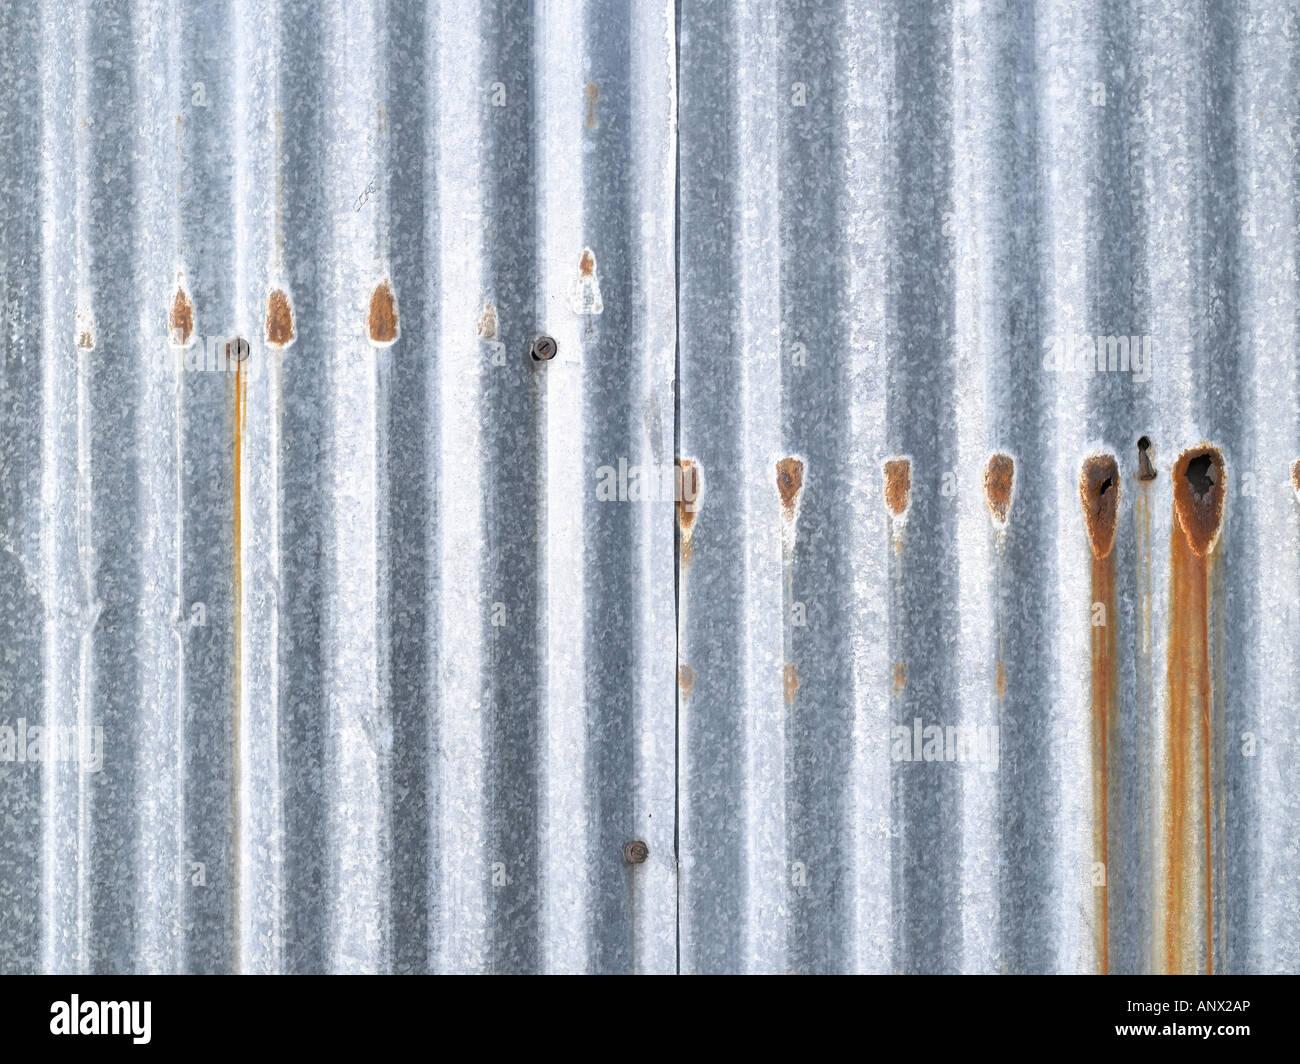 Corrugated sheet - Stock Image